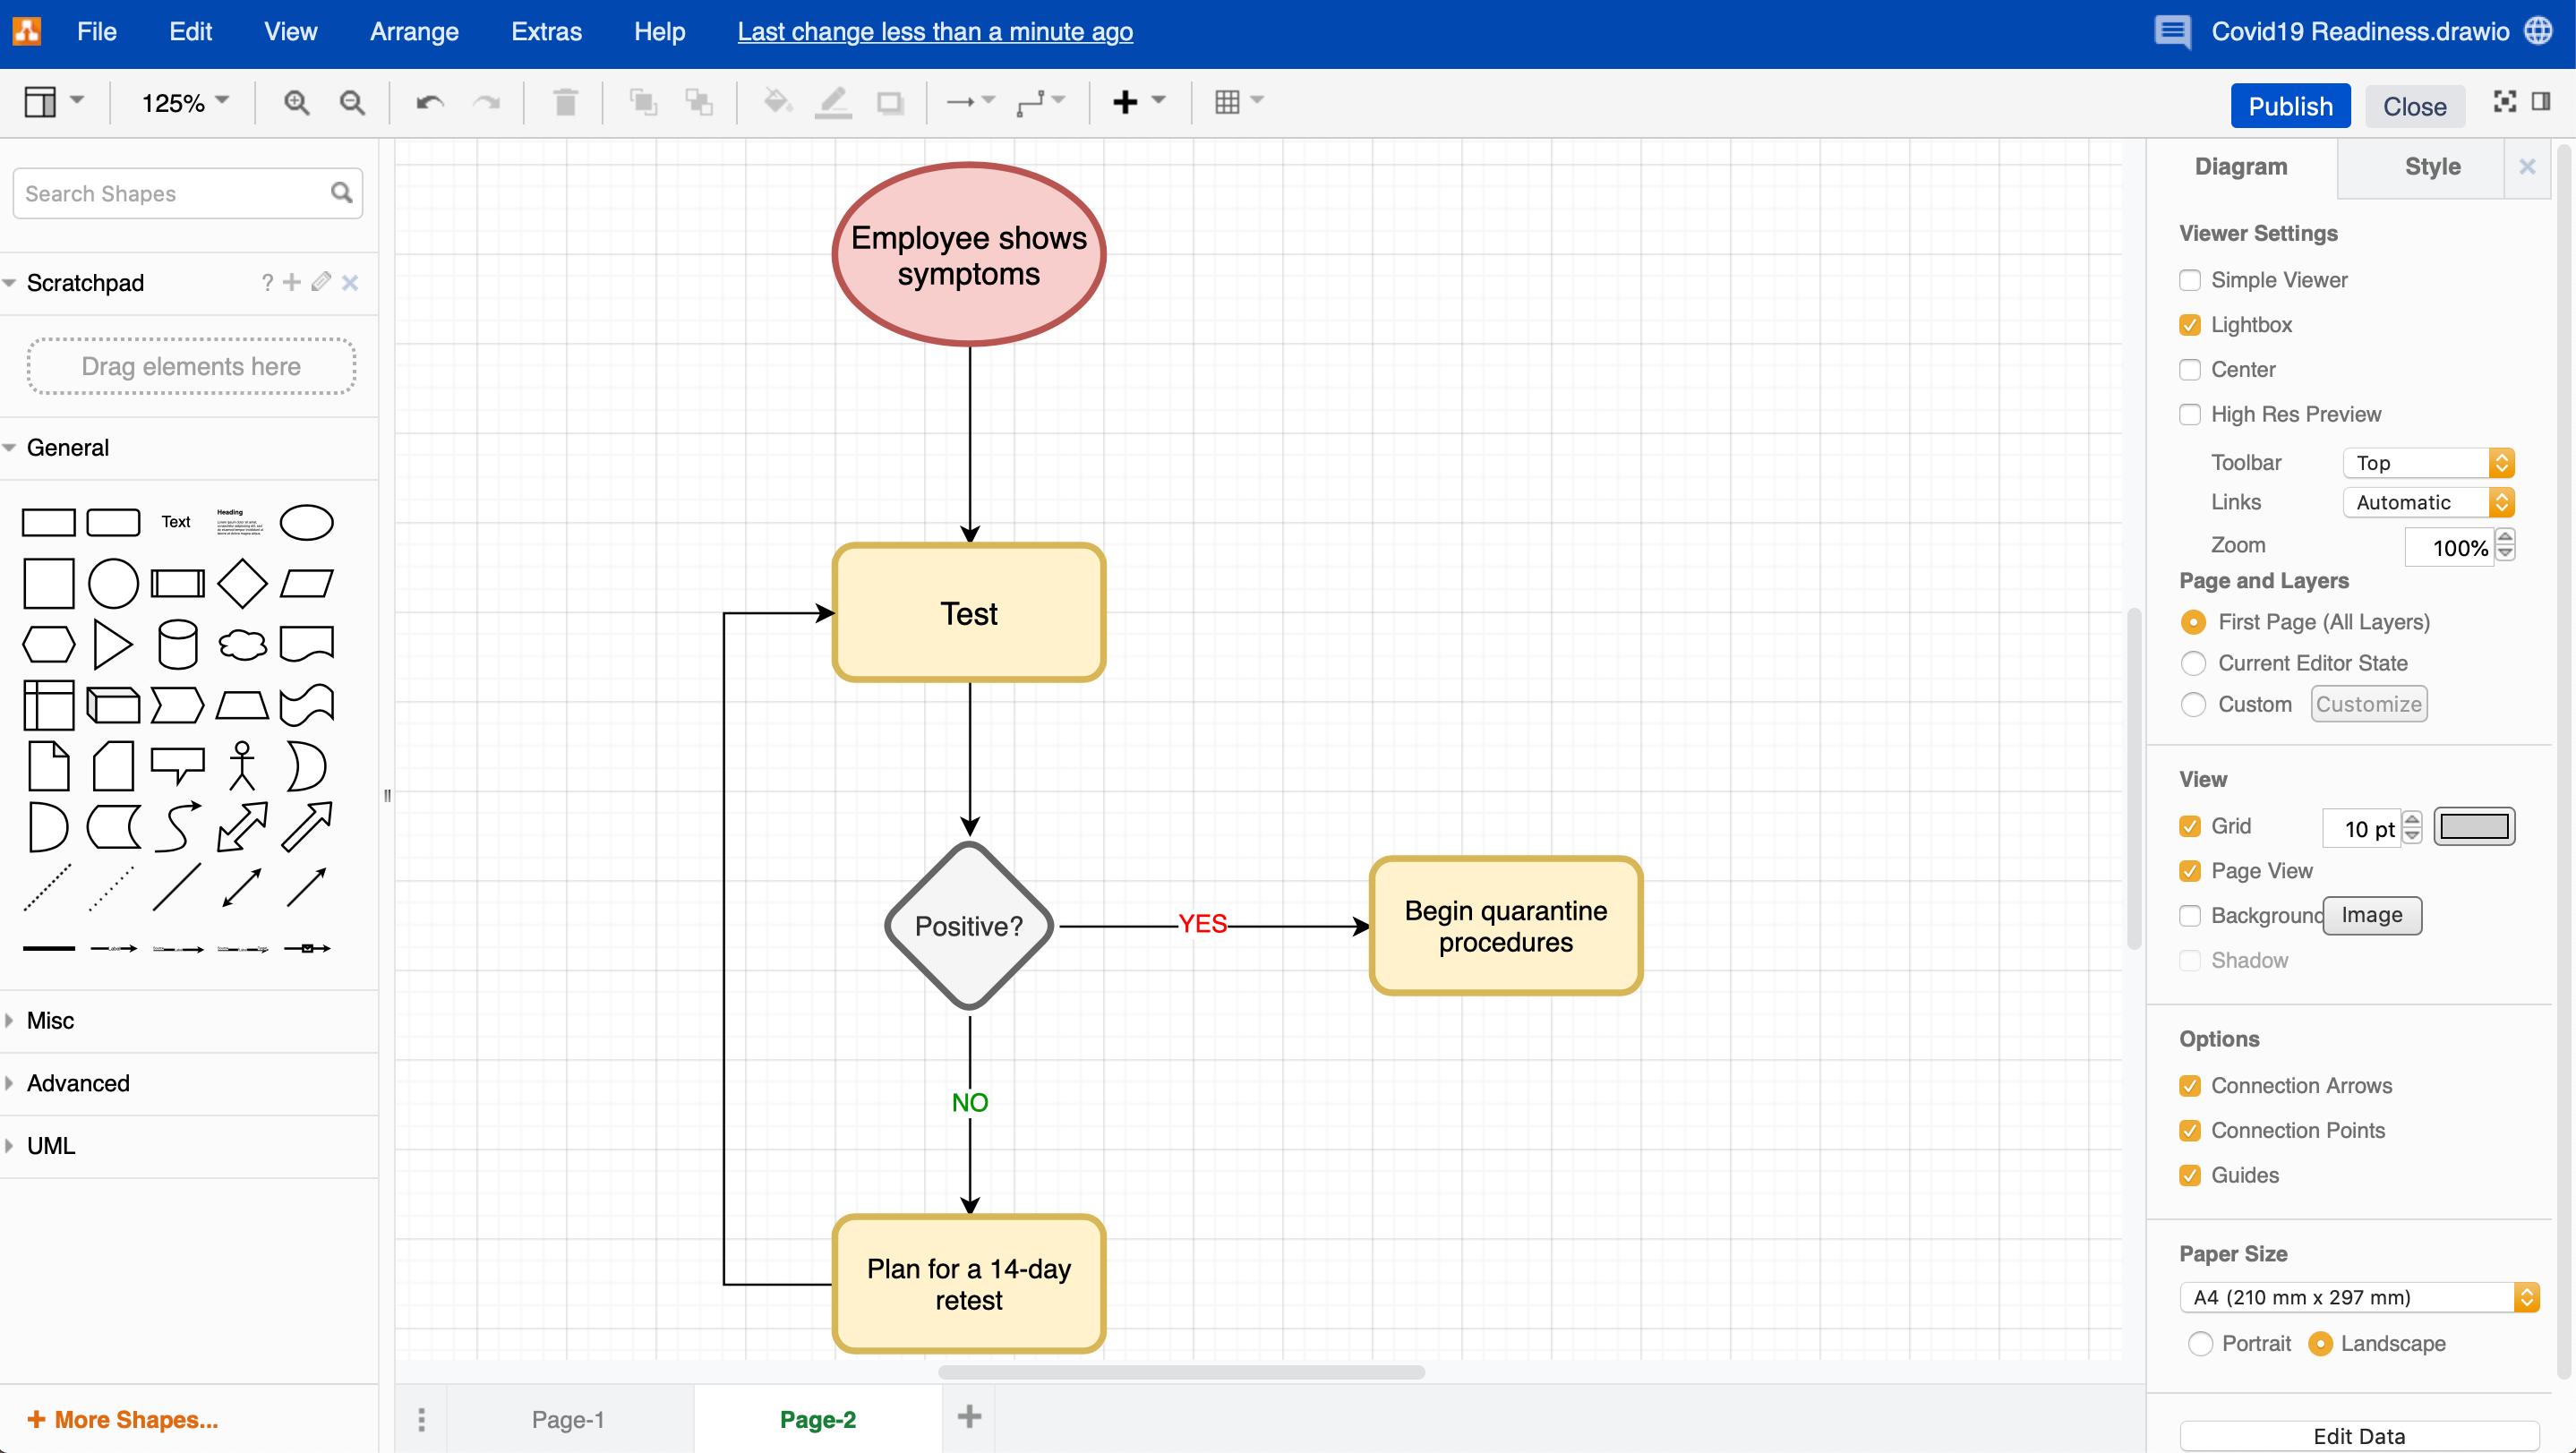 Flowchart for testing procedures